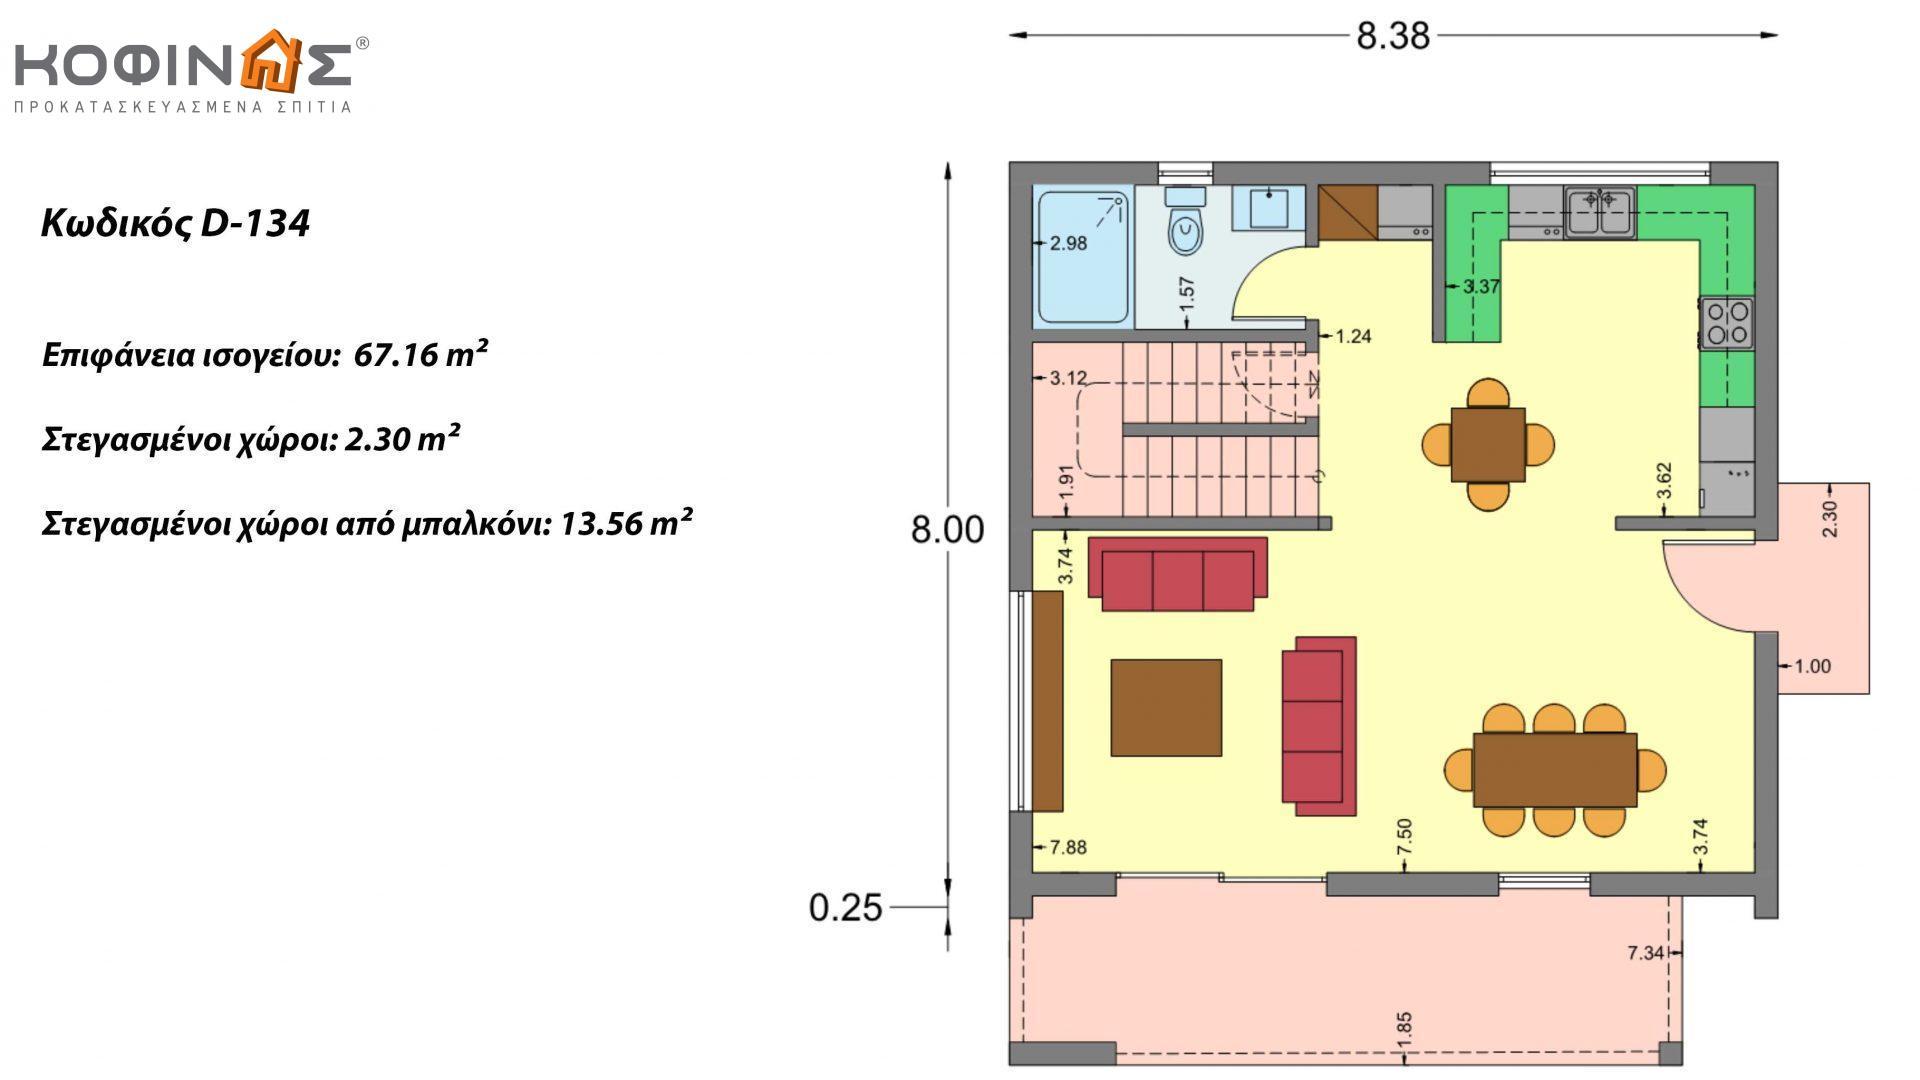 Διώροφη Κατοικία D-134, συνολικής επιφάνειας 134,26 τ.μ., συνολική επιφάνεια στεγασμένων χώρων 31,28 τ.μ., μπαλκόνια 13,56 τ.μ.